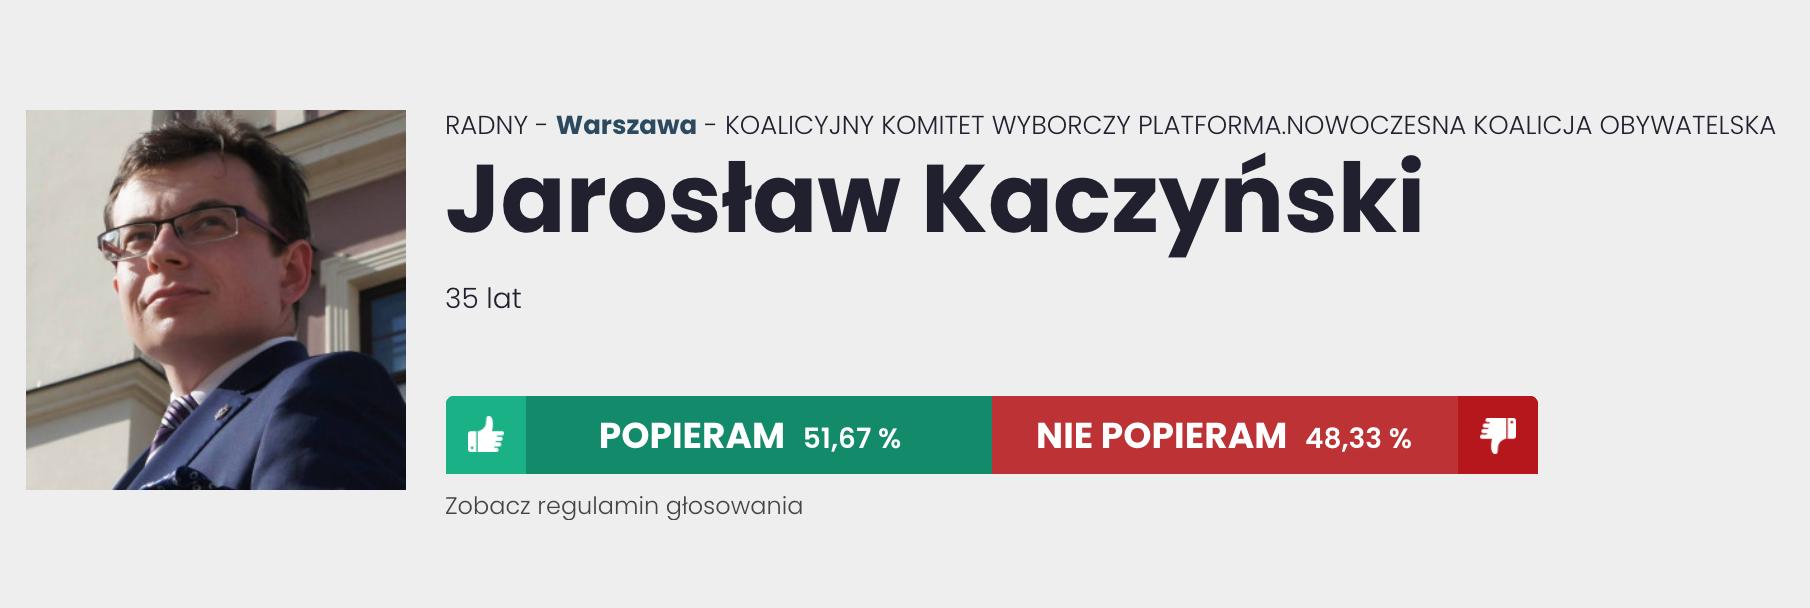 Warszawa: hejtobusy zakazane, i te antyaborcyjne, i te homofobiczne, bo ile można